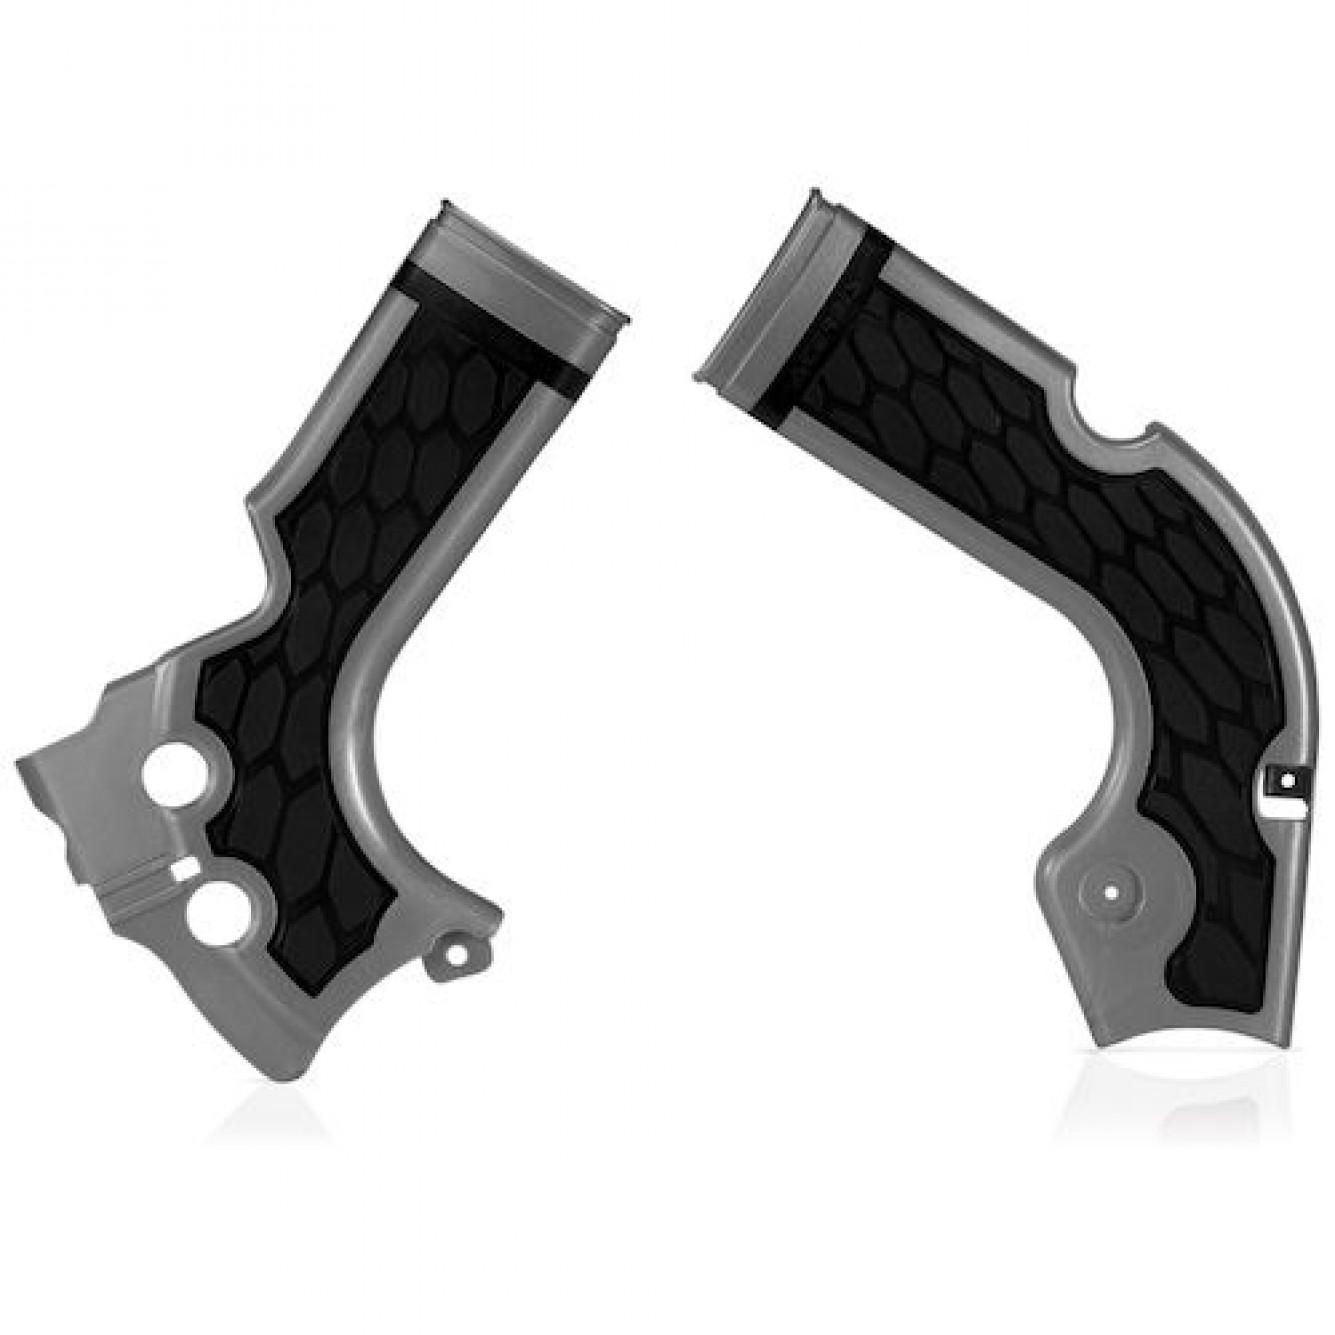 Acerbis Frame Beschermers X Grip Yz250 Yz450 14